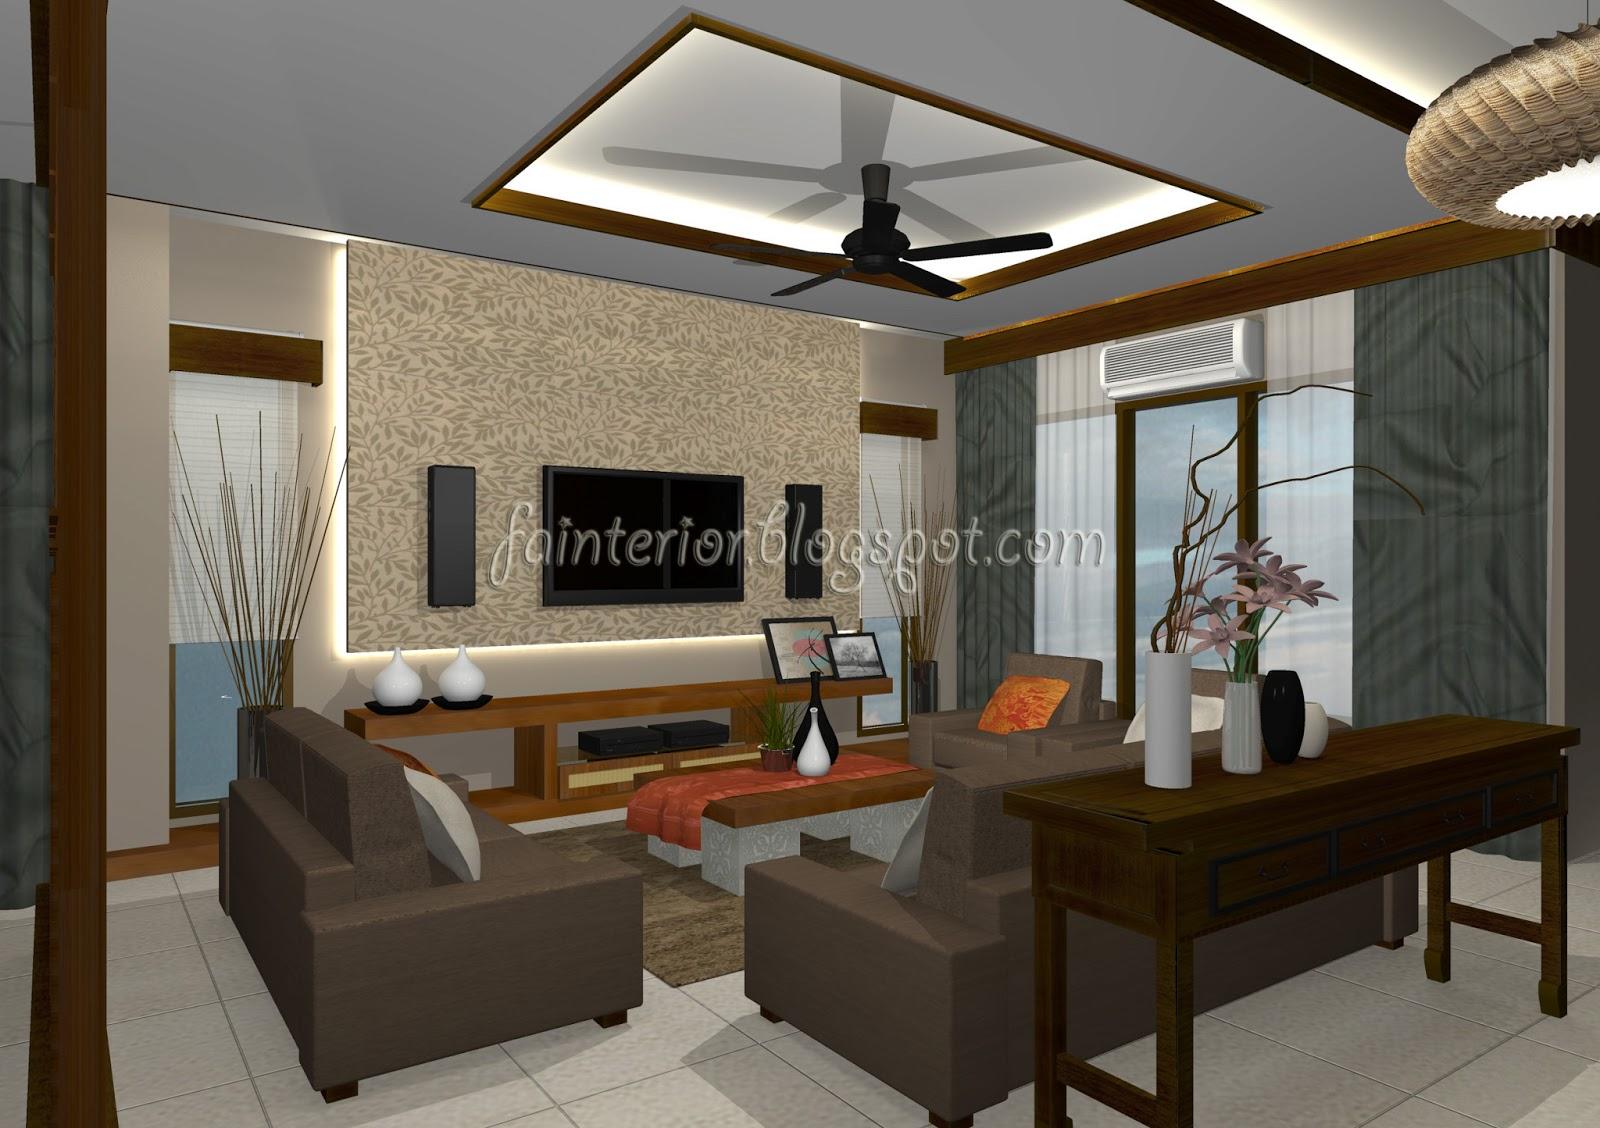 Fa Interior Residential Interior Design